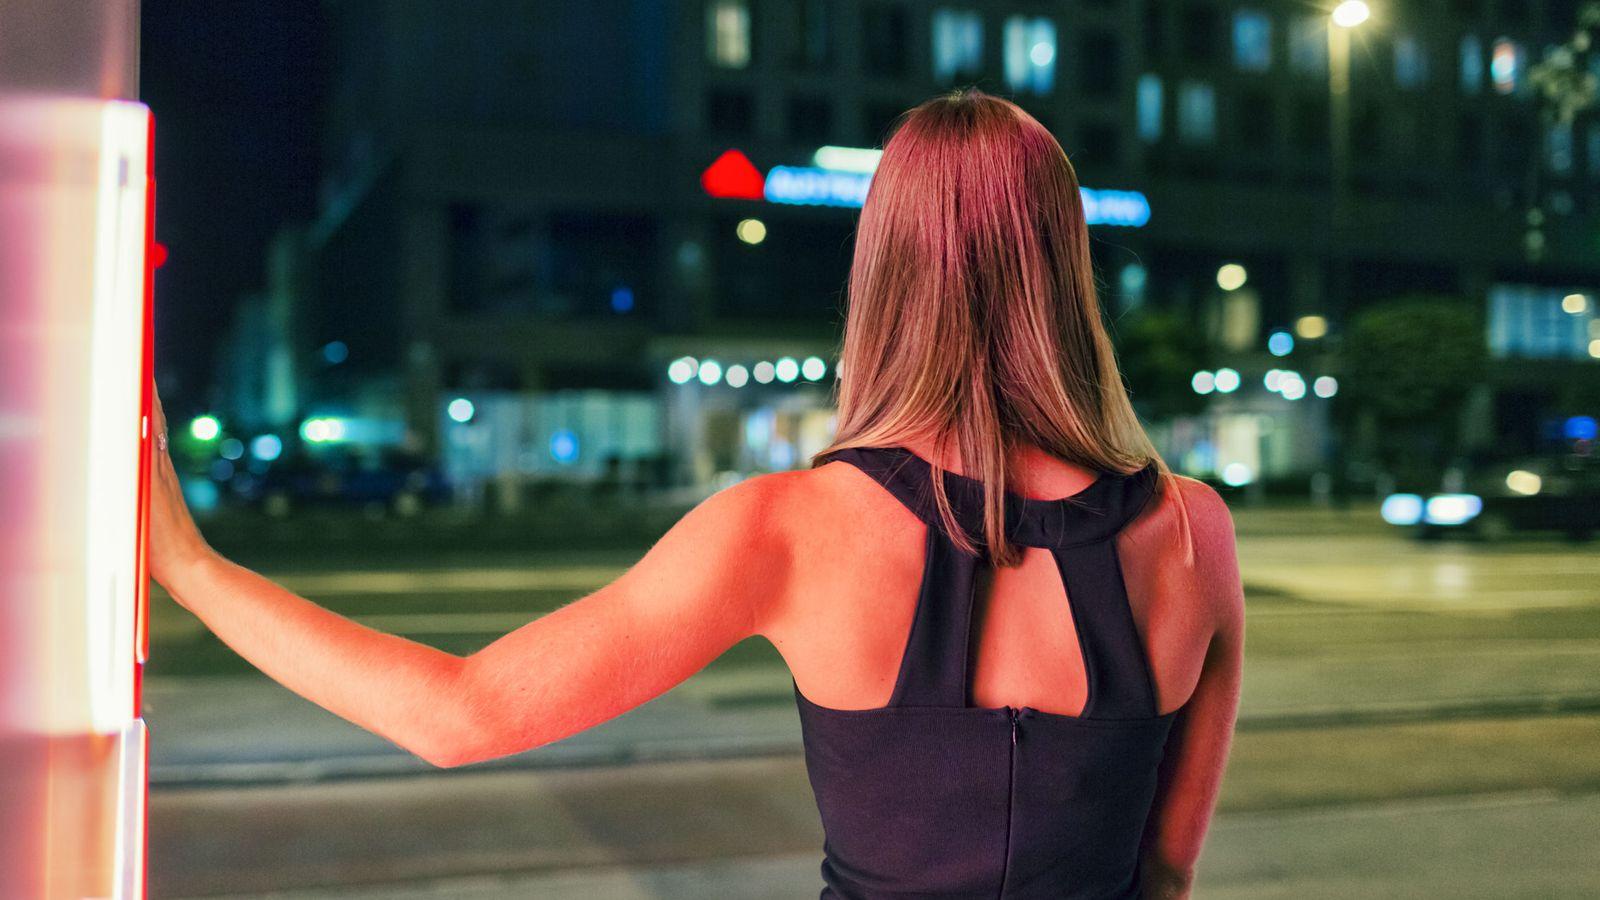 es legal irse de prostitutas videos de prostitutas callejeras